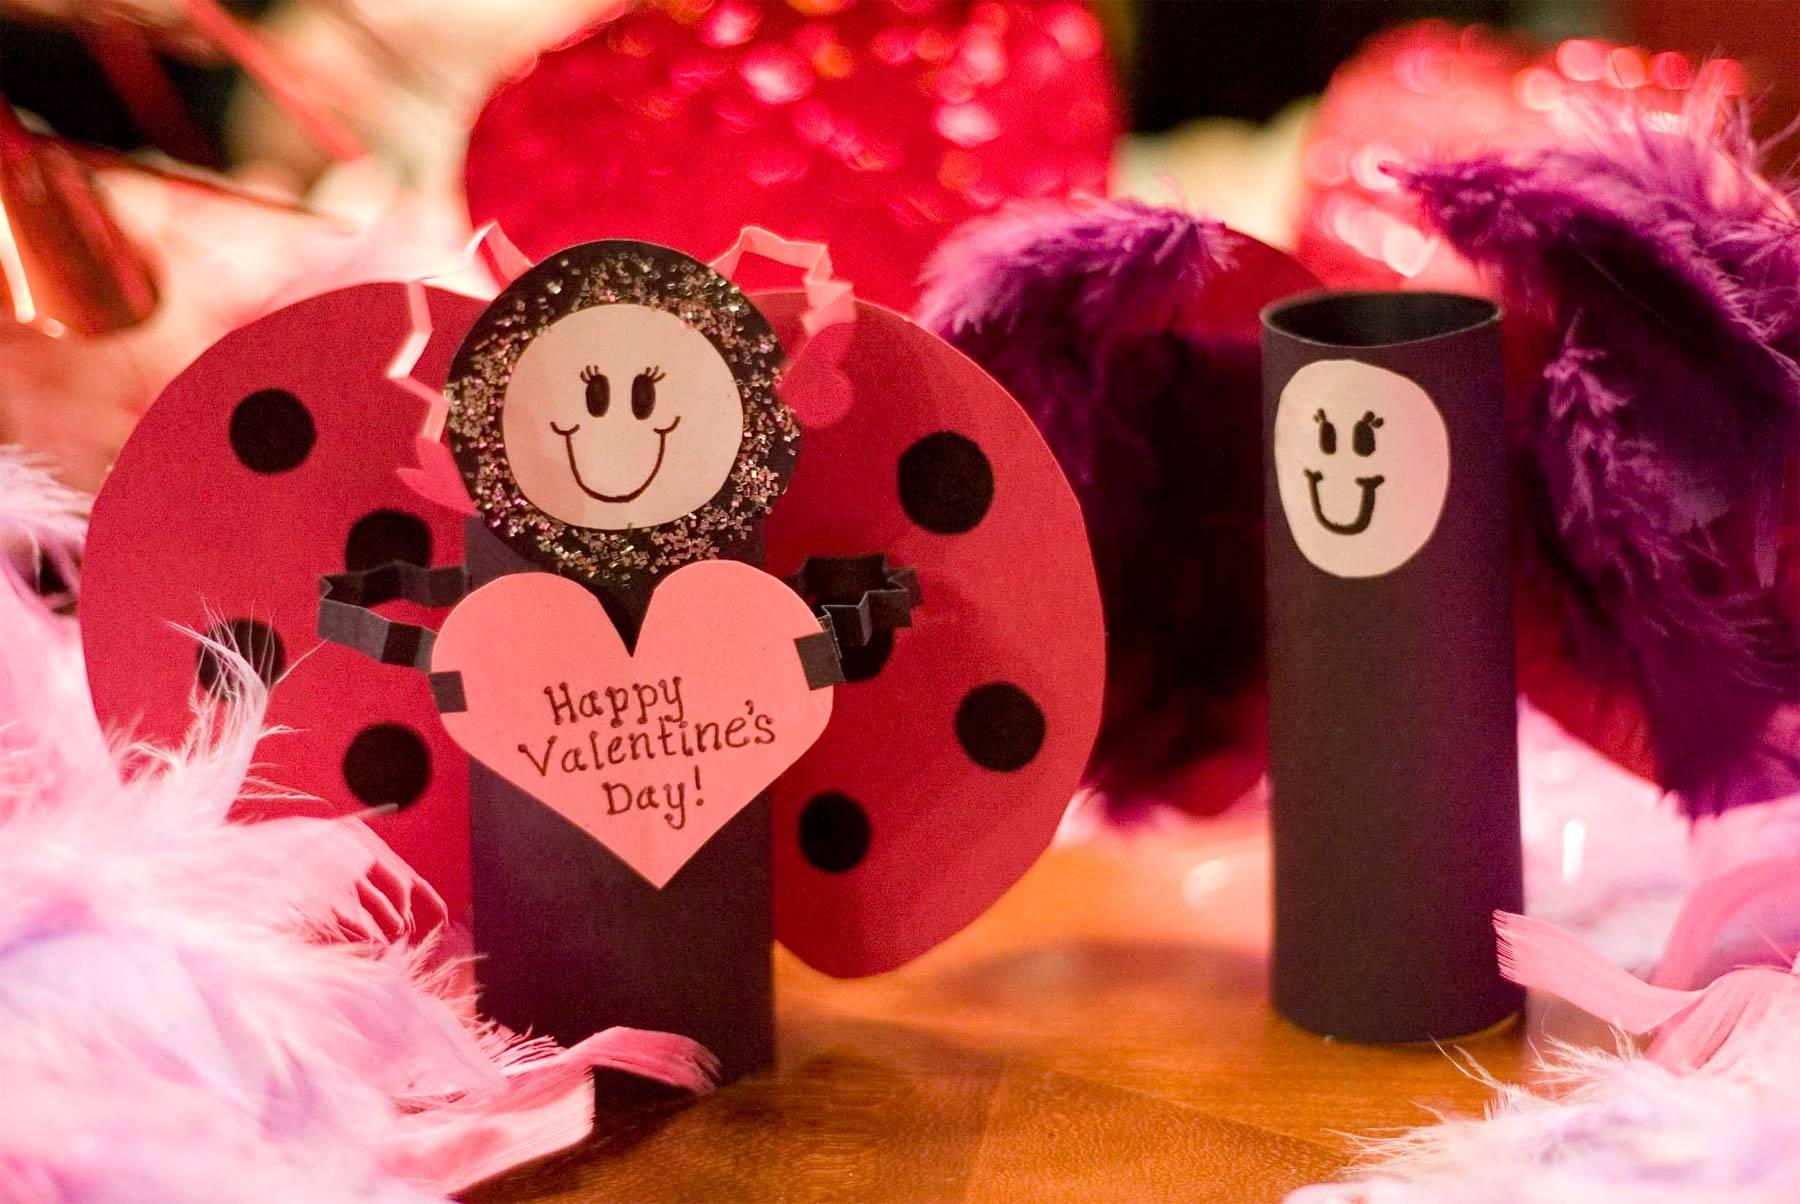 Valentines day vcuae